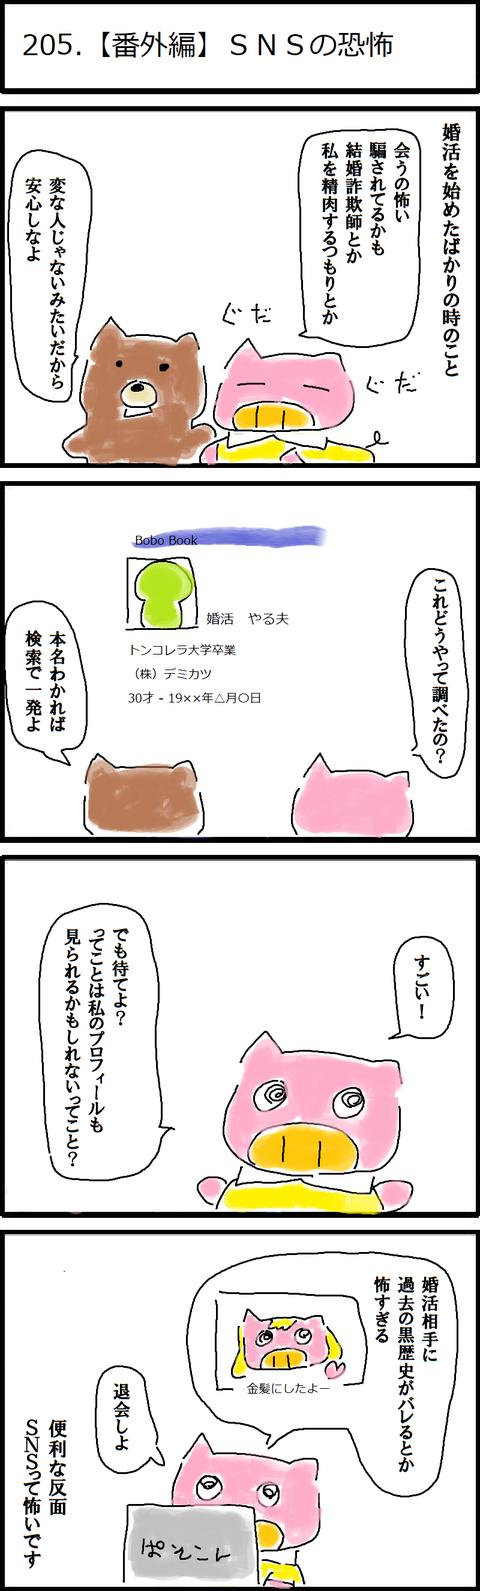 205.【番外編】SNSの恐怖